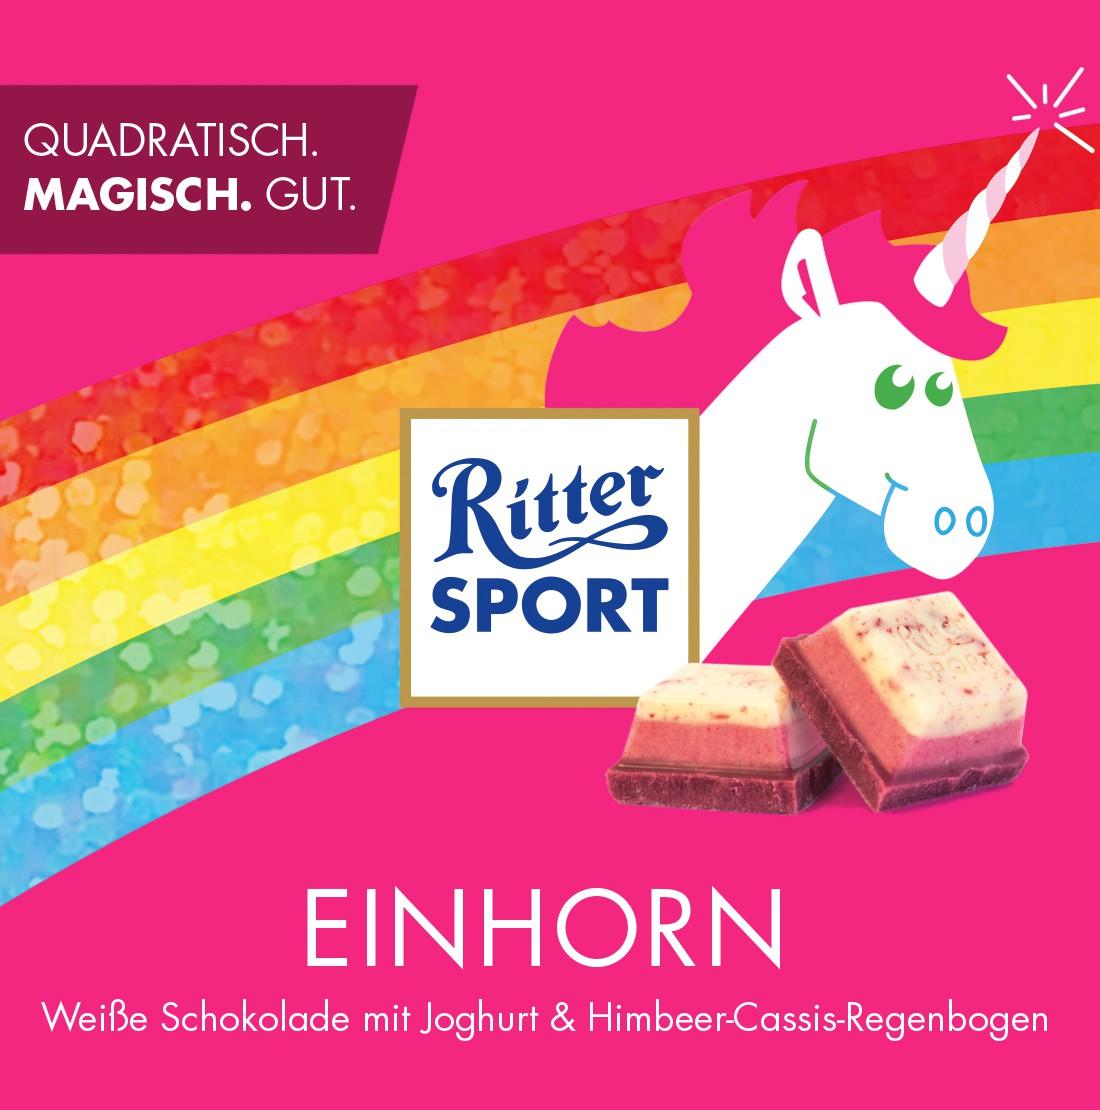 Ritter Sport Einhorn ab 14.11. um 15 Uhr wieder verfügbar - na okay, mit 25h Verspätung